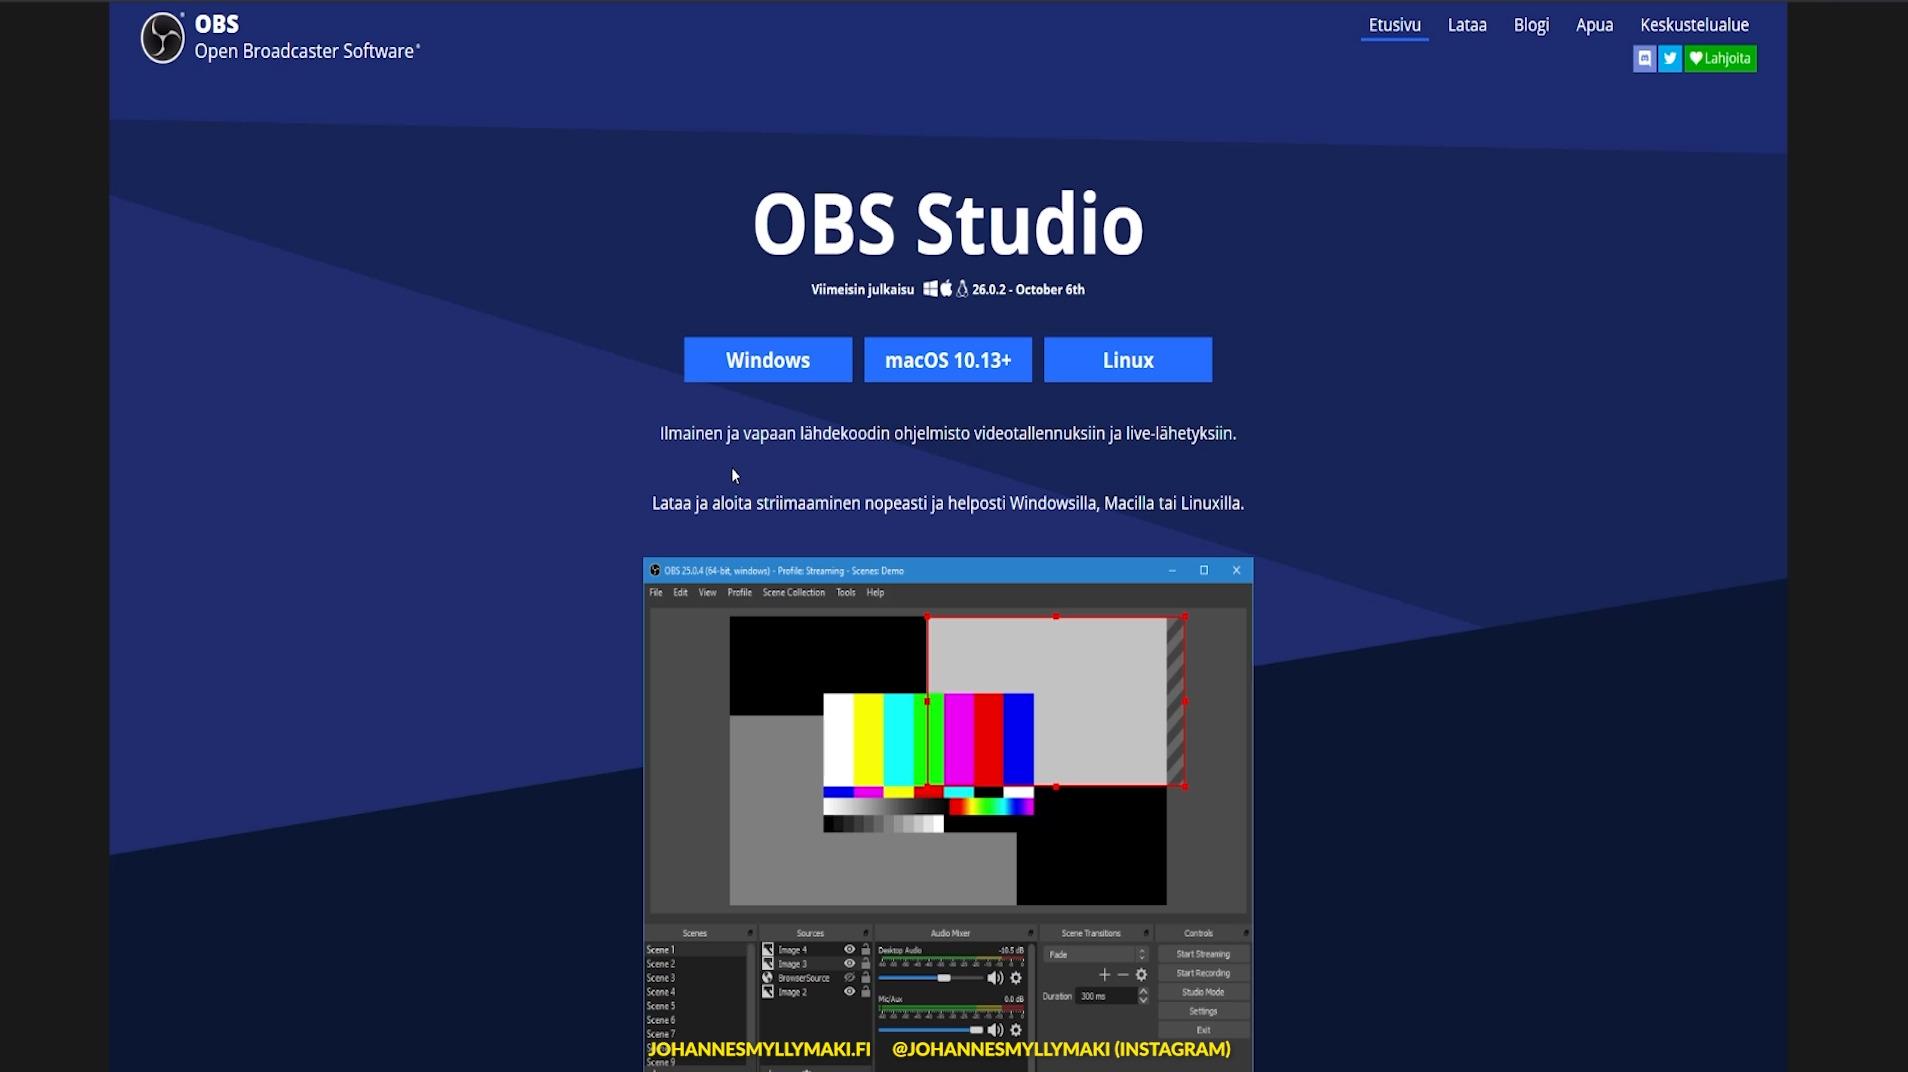 OBS Studio lataaminen